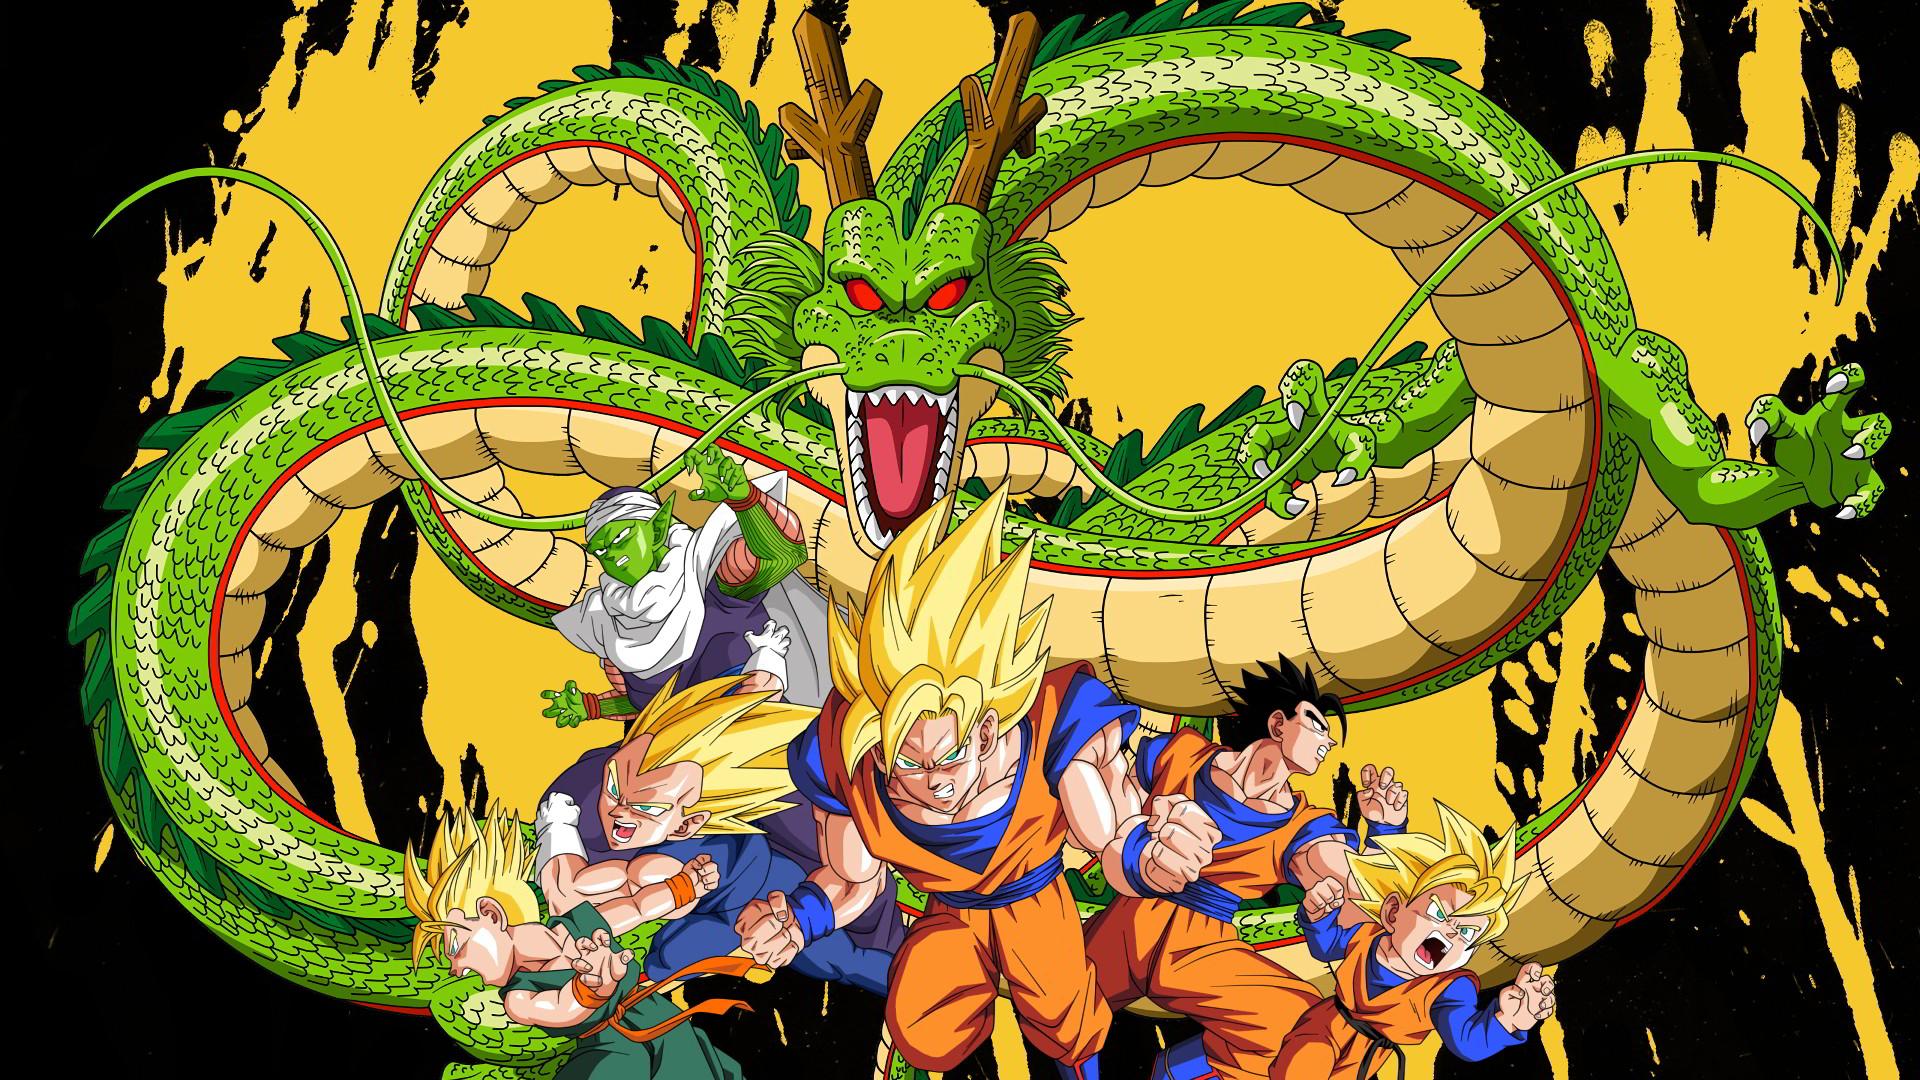 Tuyển chọn những hình ảnh bảy viên ngọc rồng đẹp nhất với nhân vật chính là Songoku.